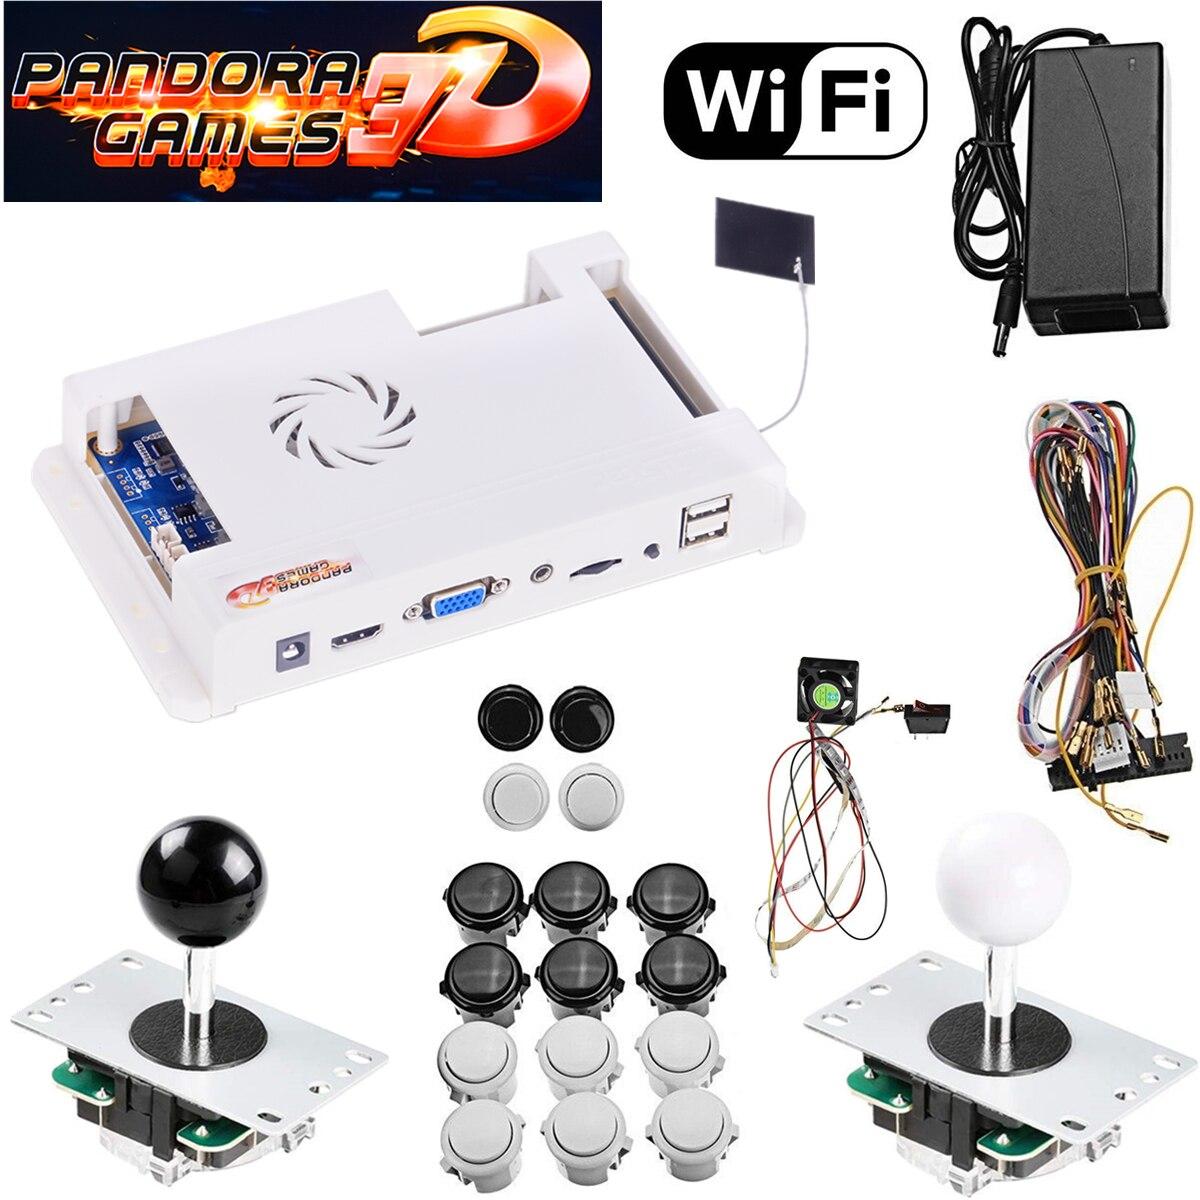 Juegos de Descarga WIFI, juegos Pandora 3D 2448 en 1, juego completo de Arcade 2D/3D, decenas de miles en el mercado de juegos integrado